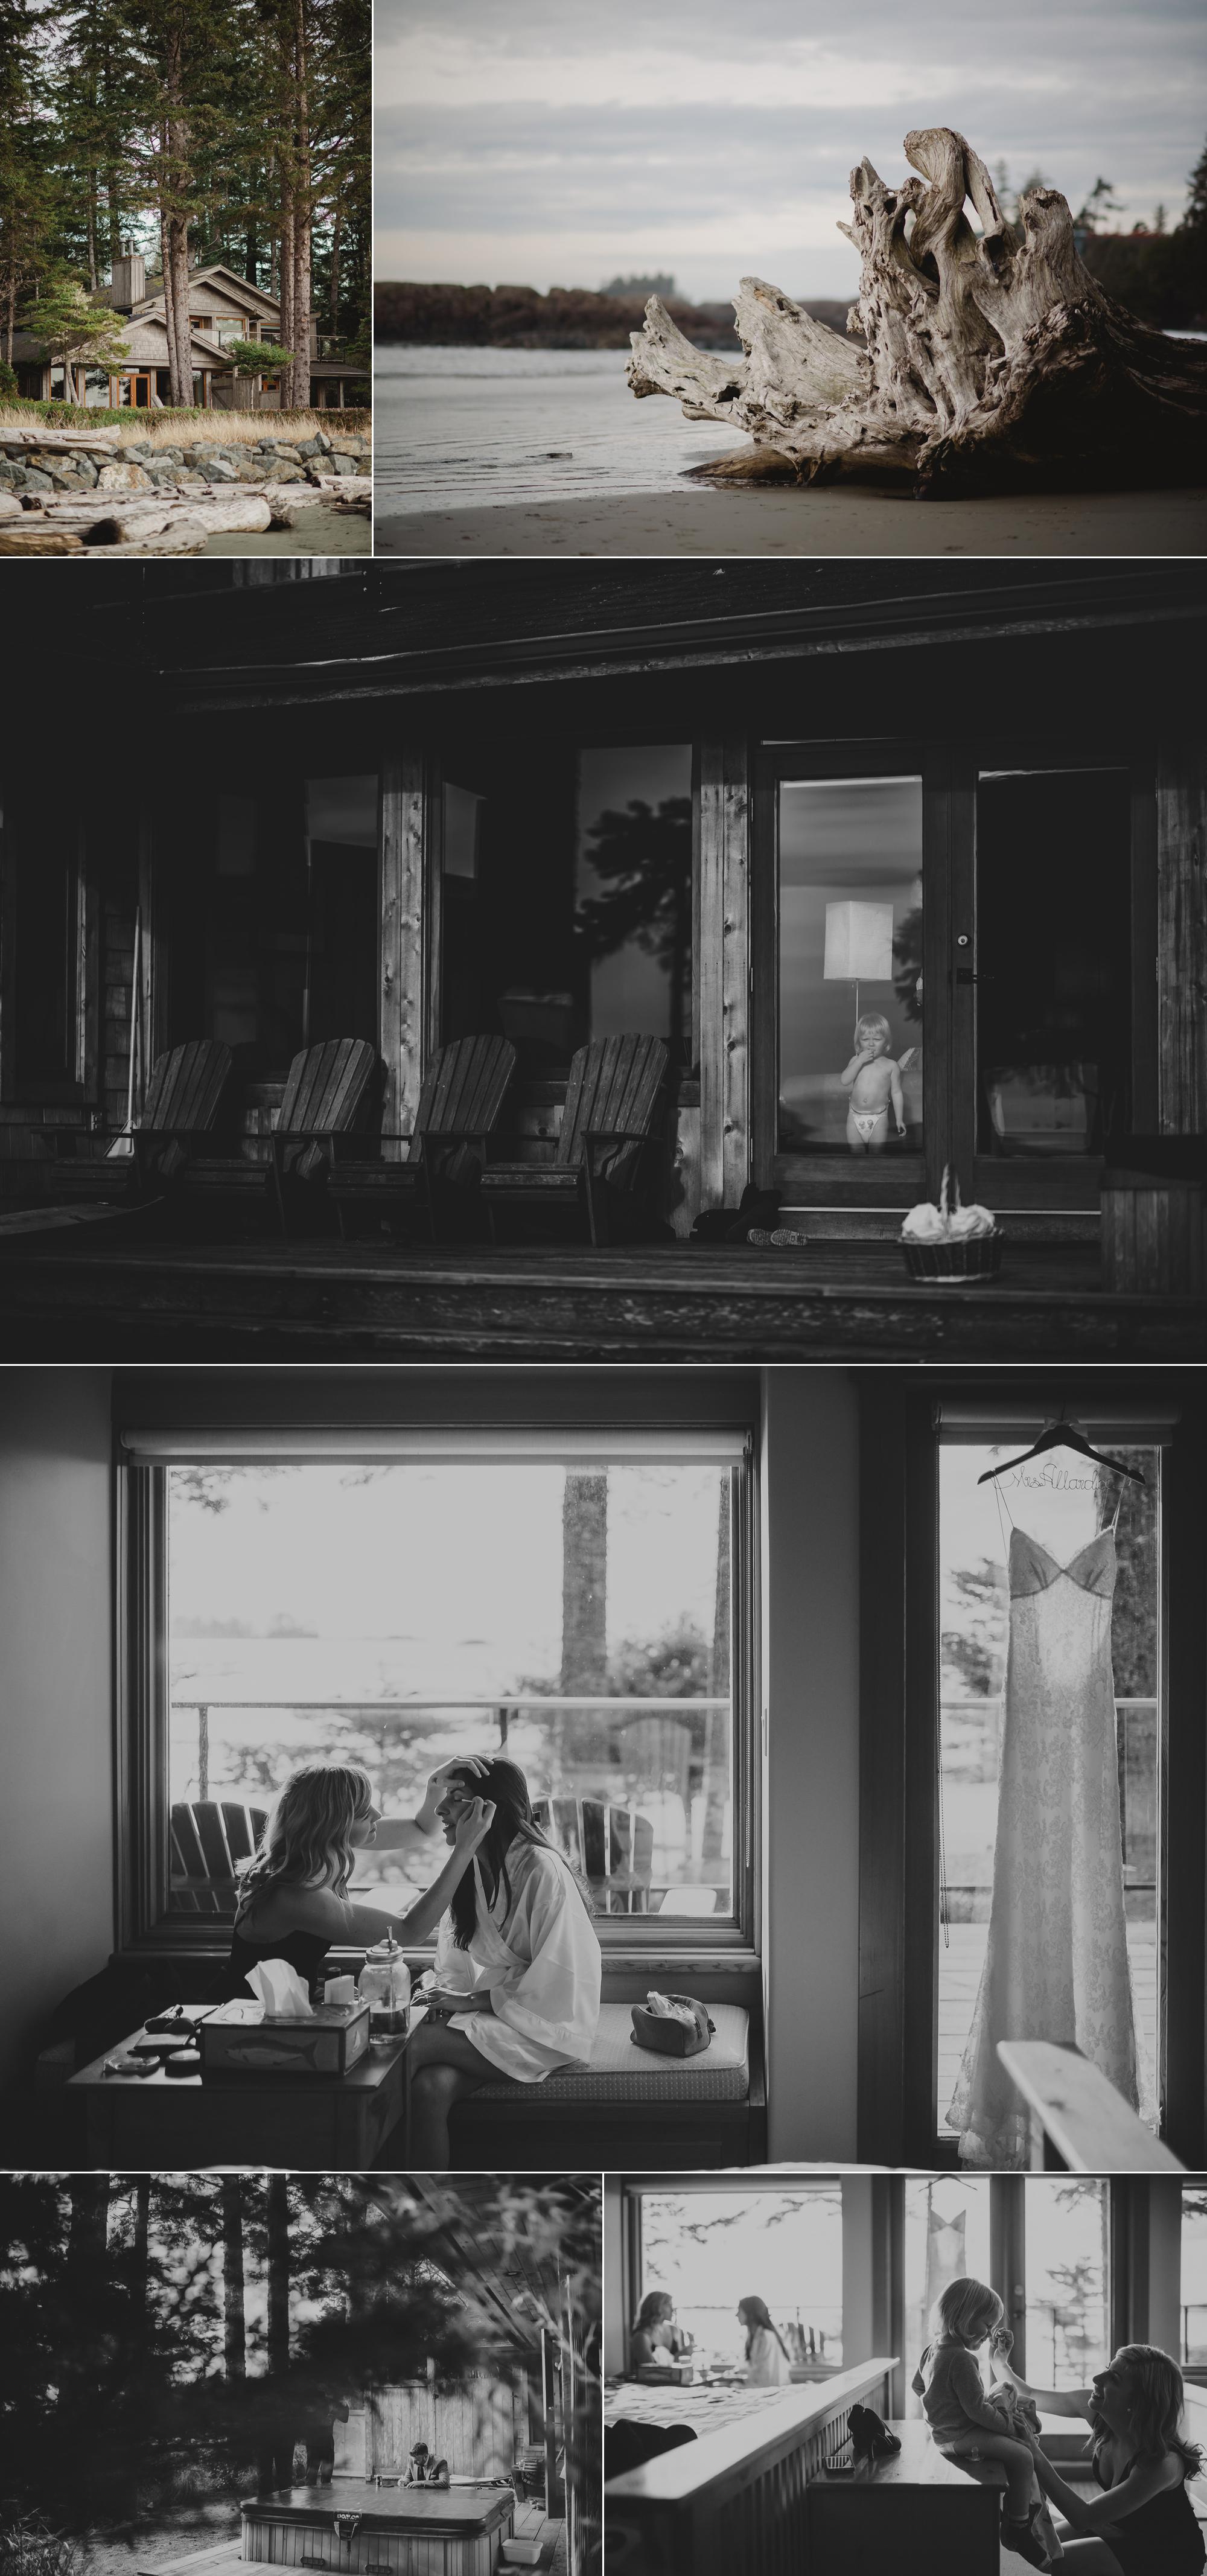 188金宝博线上平台圣克莱尔的婚礼仪式